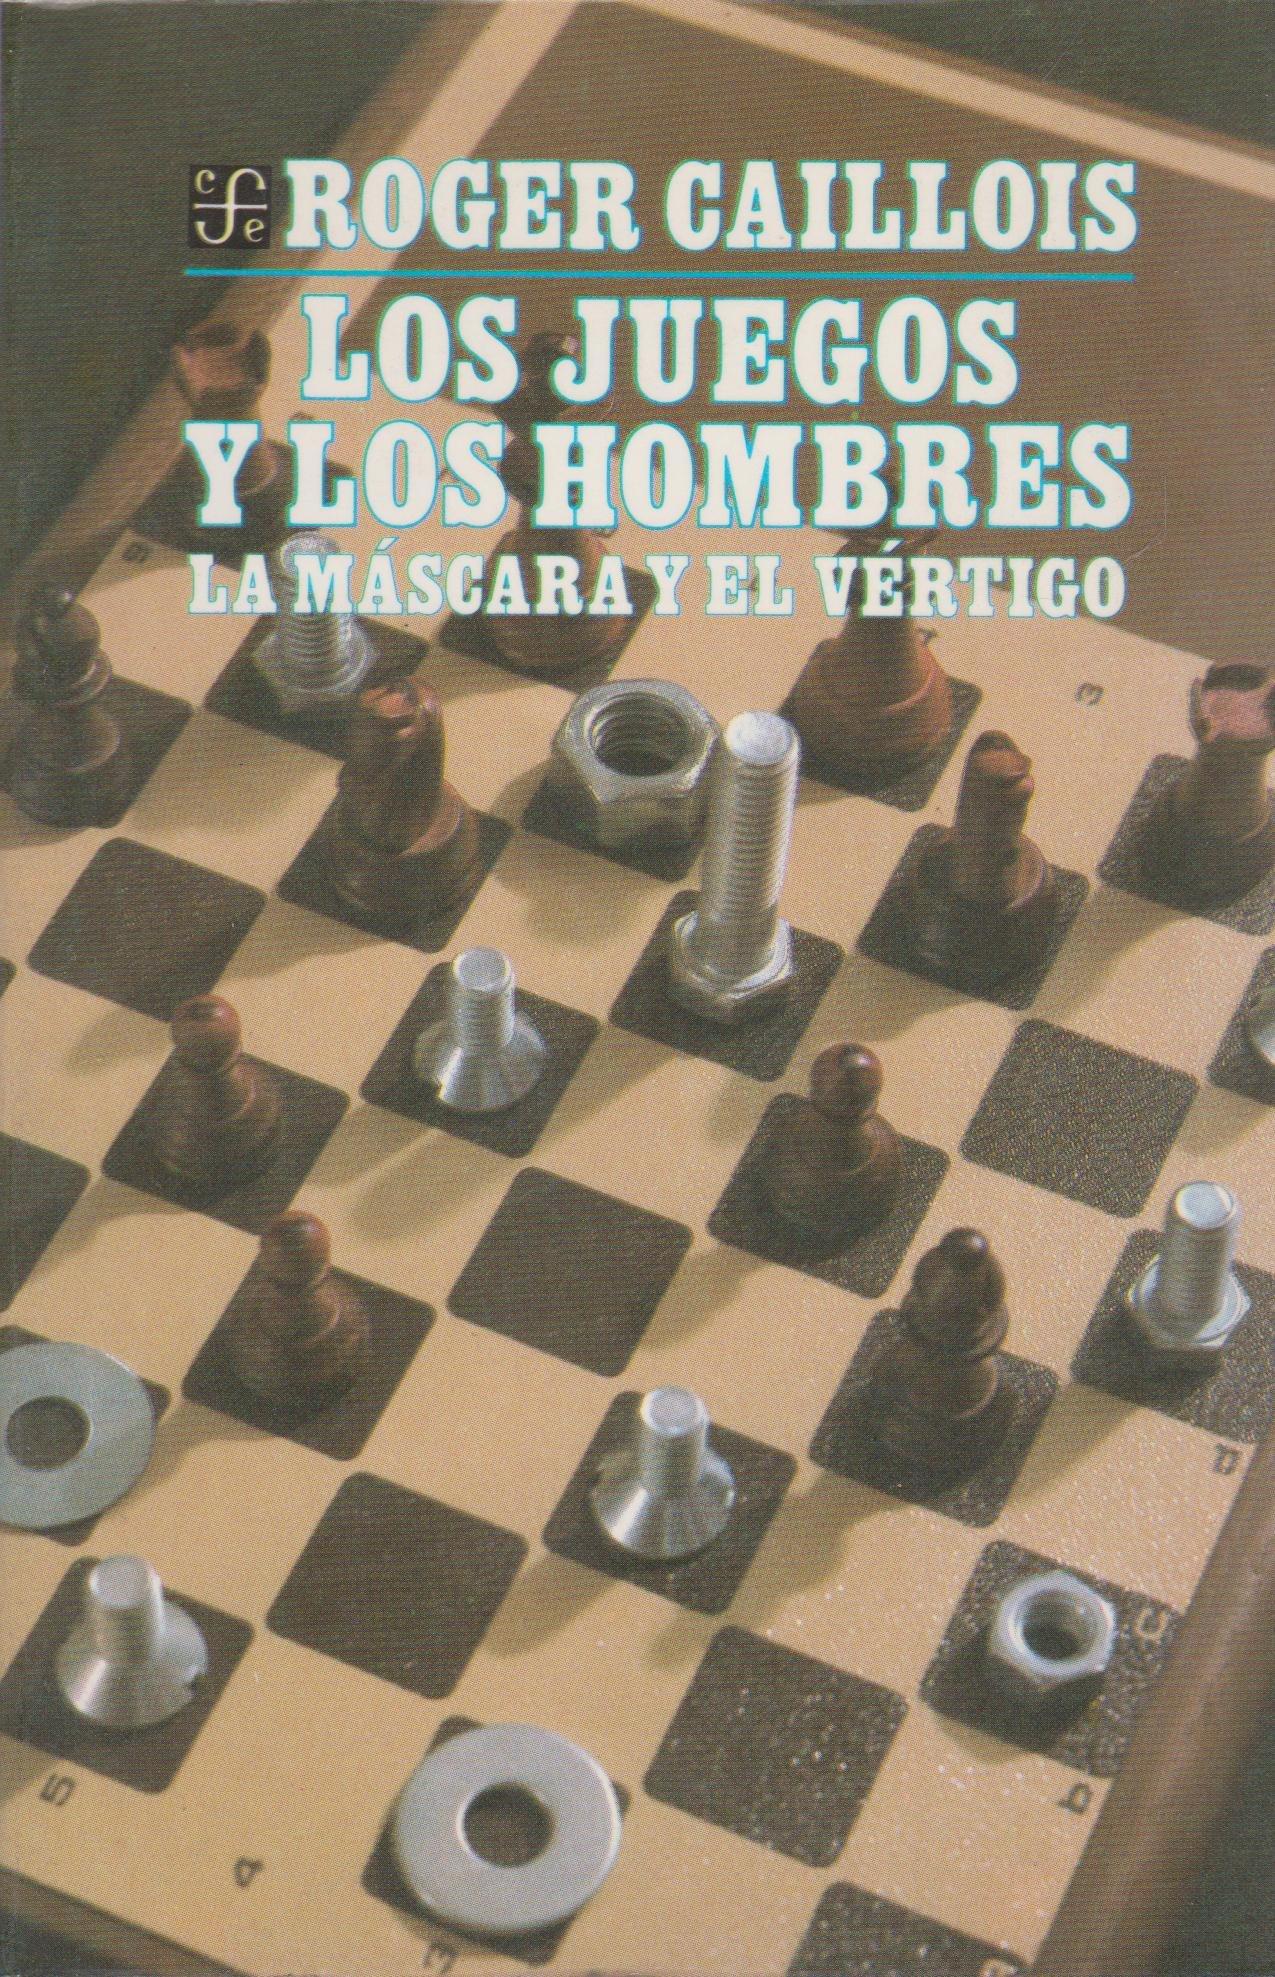 Los juegos y los hombres : la máscara y el vértigo (Spanish Edition): Caillois Roger: 9789681624811: Amazon.com: Books